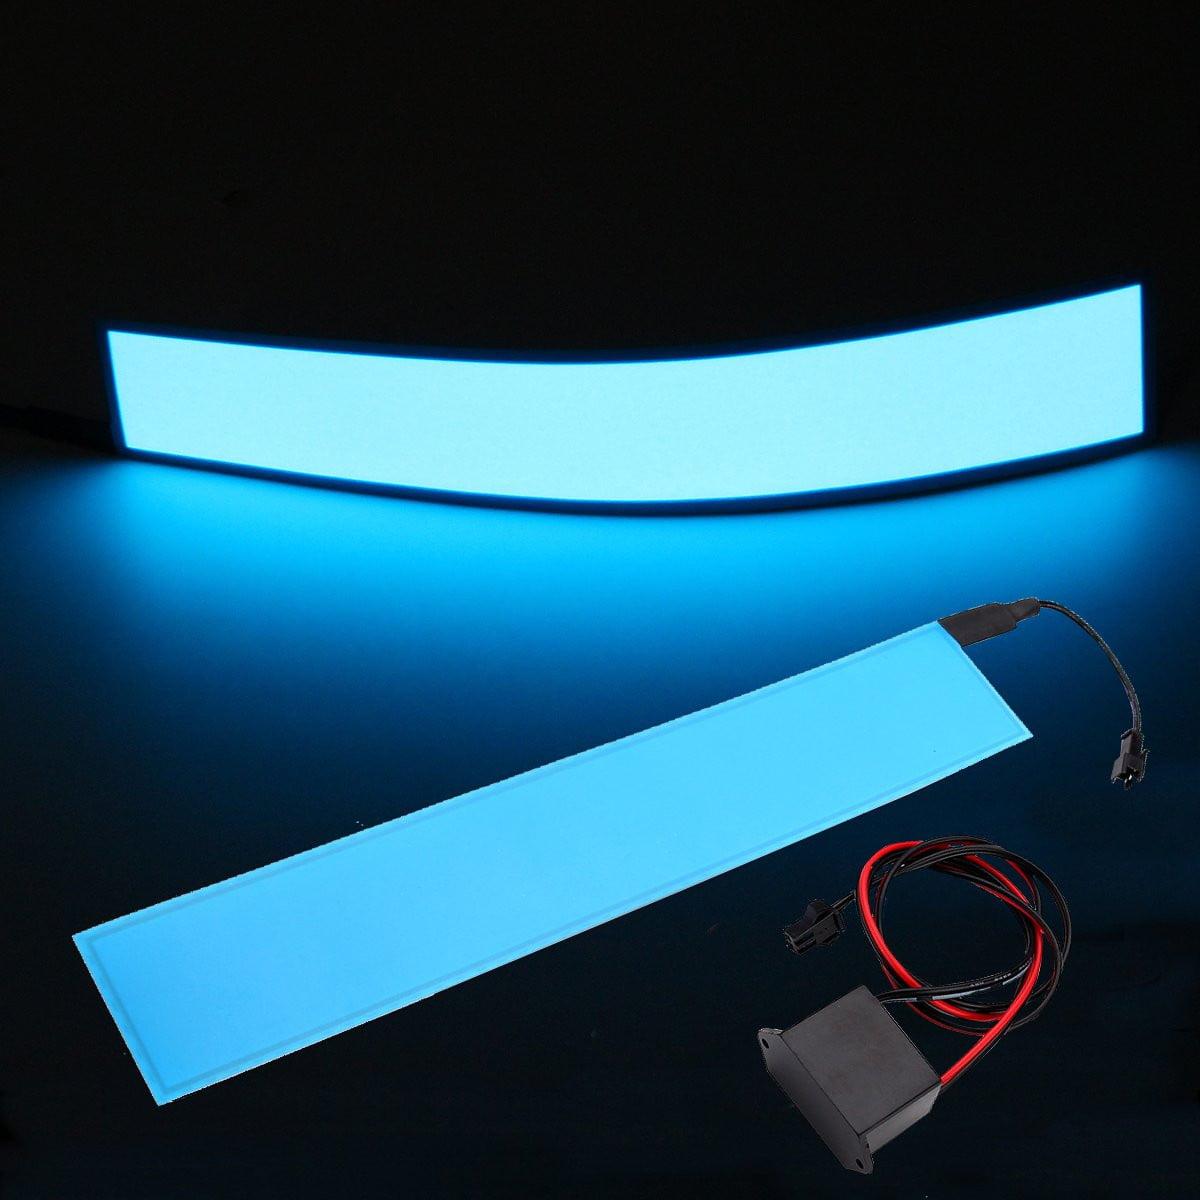 12''x2'' 12V EL Cinta Panel Electroluminiscente Luces Tiras + Inverter 6 Colores